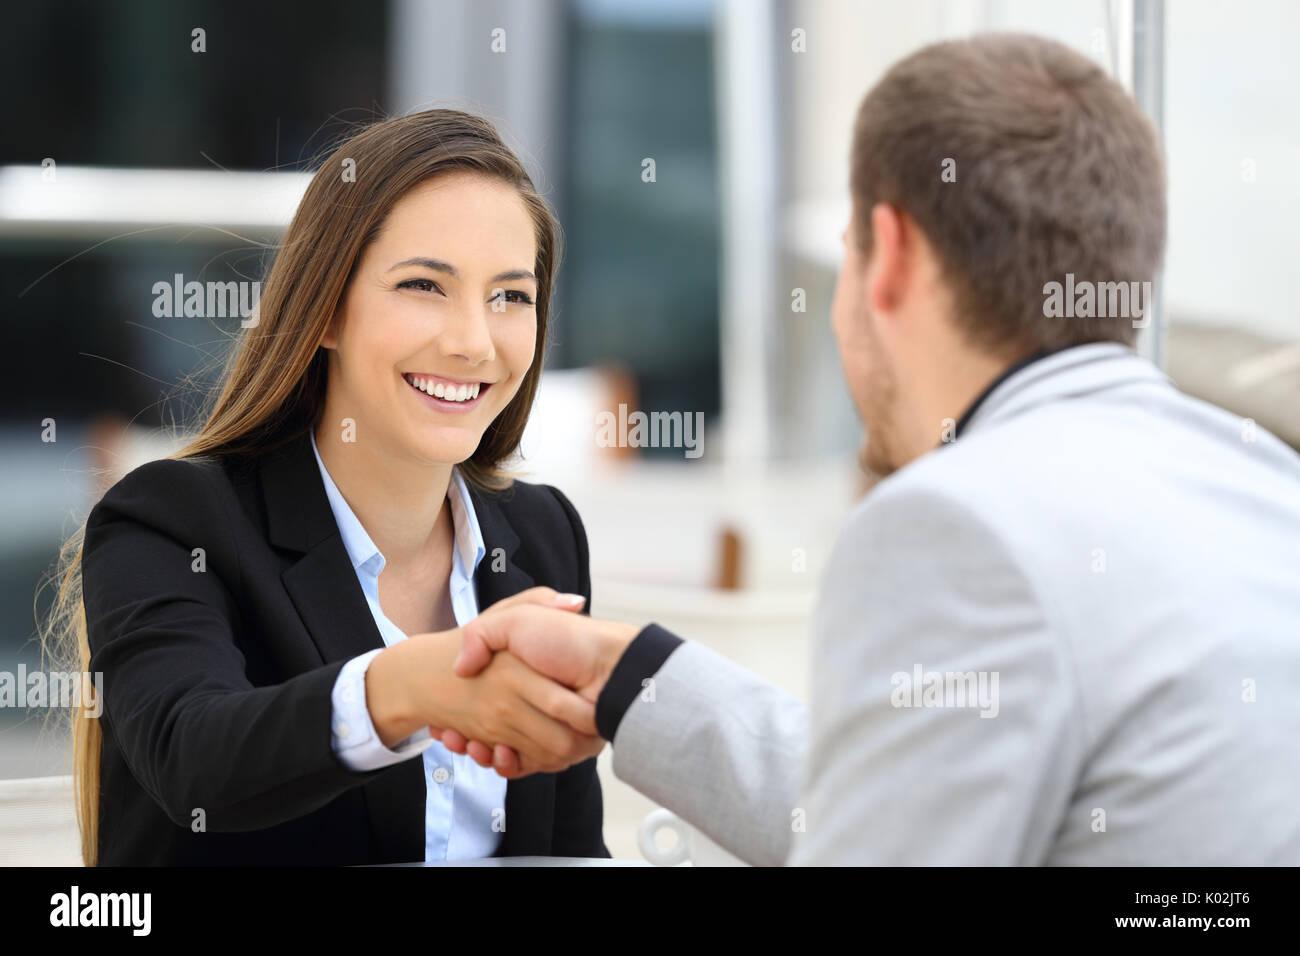 Deux cadres de rencontre et l'établissement de liaison assis dans un café Photo Stock